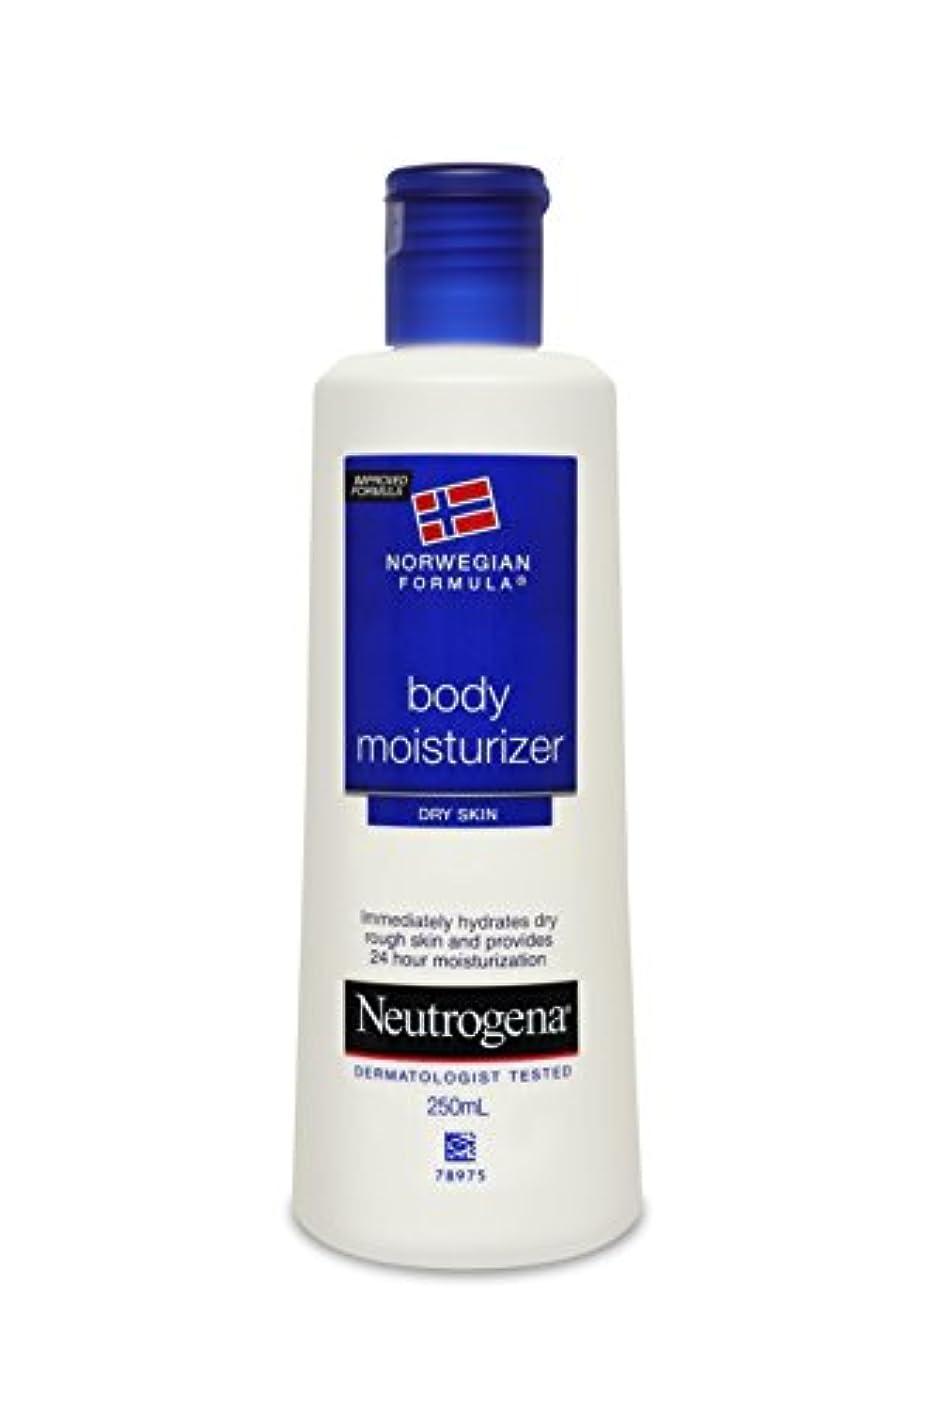 技術者晩ごはん紀元前Neutrogena Norwegian Formula Body Moisturizer (for Dry Skin), 250ml